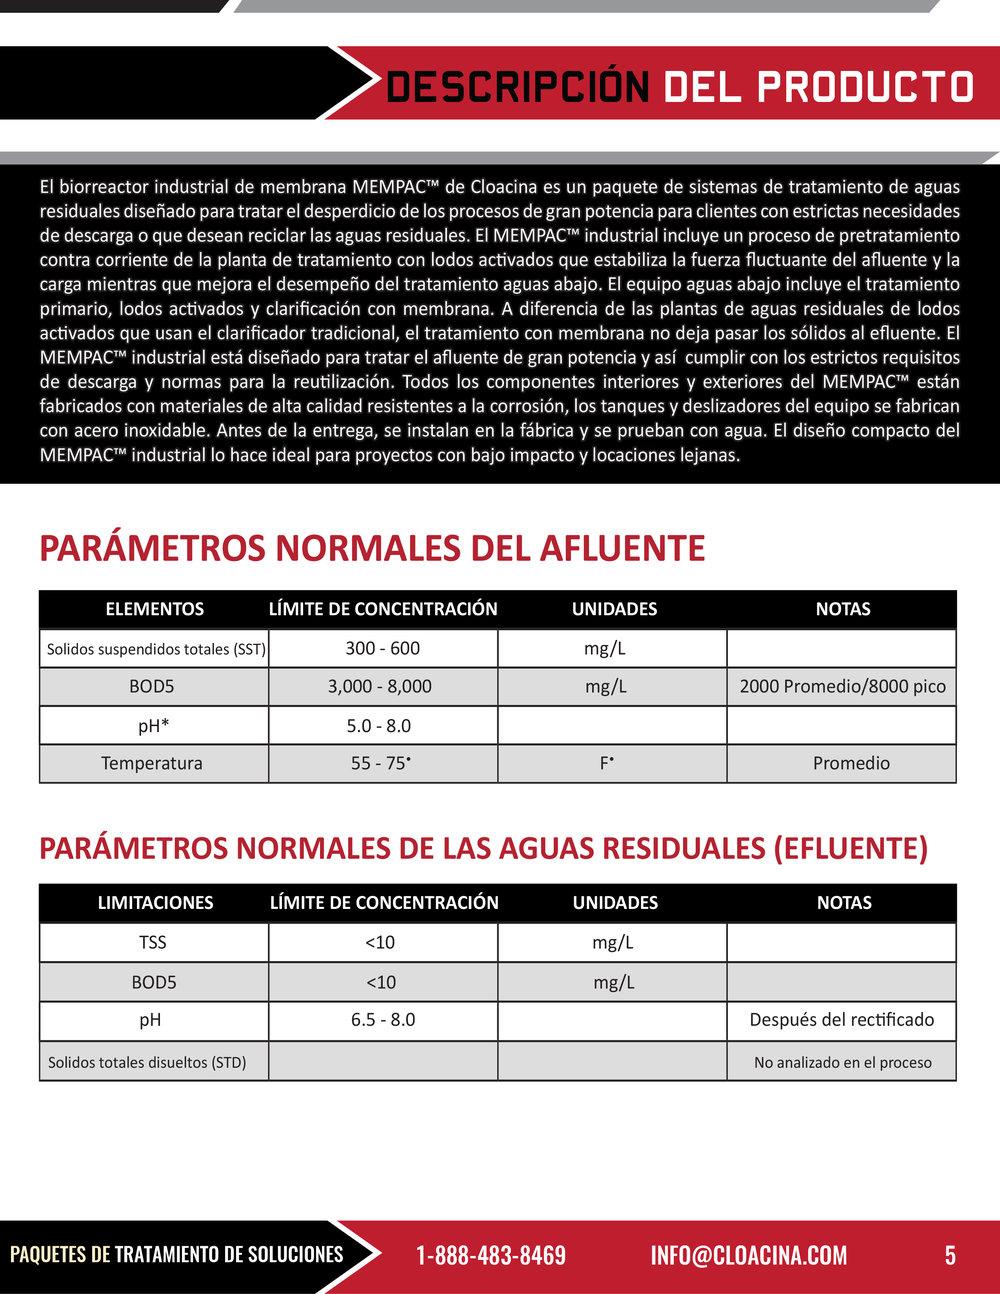 MEMPAC-I-Spanish copy-6.jpg